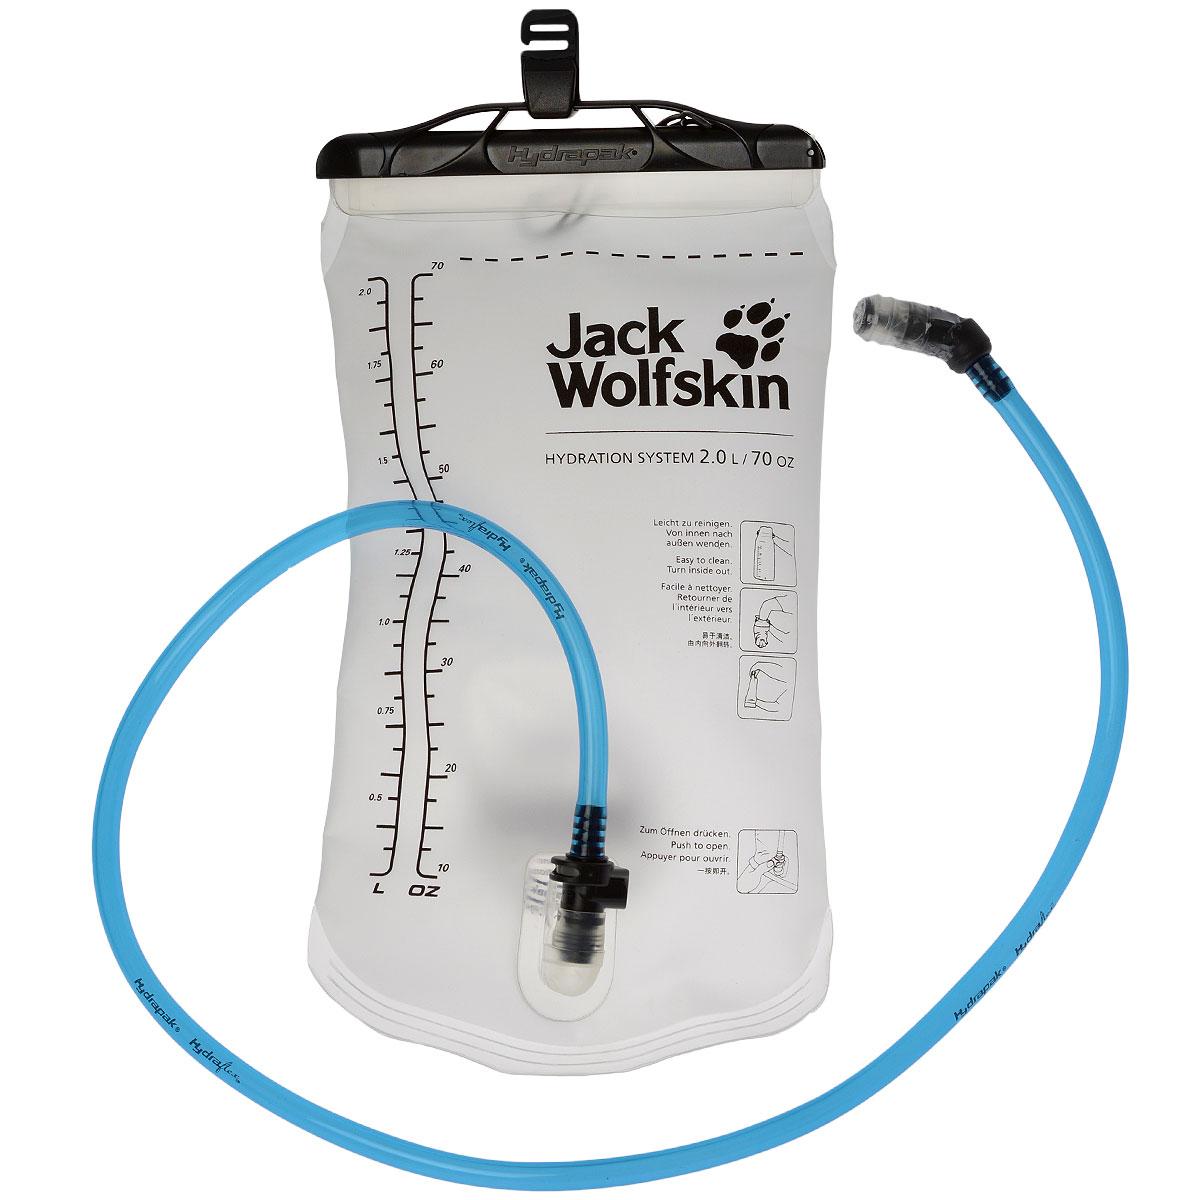 Питьевая система Jack Wolfskin Hydration System, цвет: прозрачный, 2 л8001091-0001Питьевая система Jack Wolfskin Hydration System помогает непрерывно восполнять потери влаги при занятиях спортом на выносливость. Его можно удобно закрепить в рюкзаке. Шланг через отверстие выходит наружу. Так можно в любое время пить в путешествии, не останавливаясь. Материал резервуара для воды и трубки не дает посторонних привкусов, разрешенный для контакта с пищевыми продуктами и легко моется.